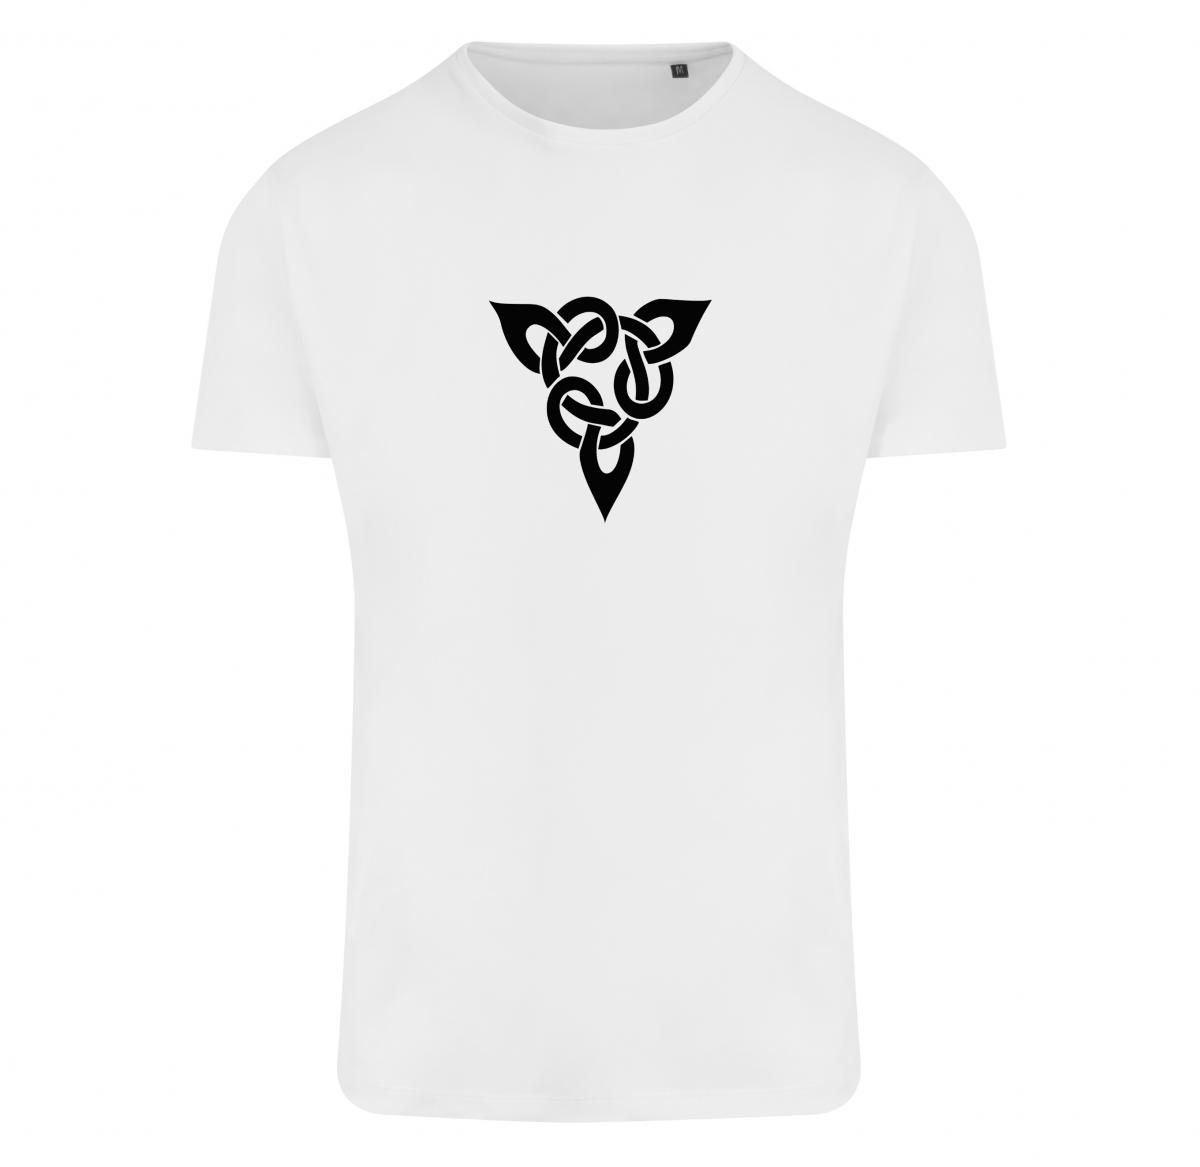 Tee-Shirt Homme Performance – Symbole Celtique